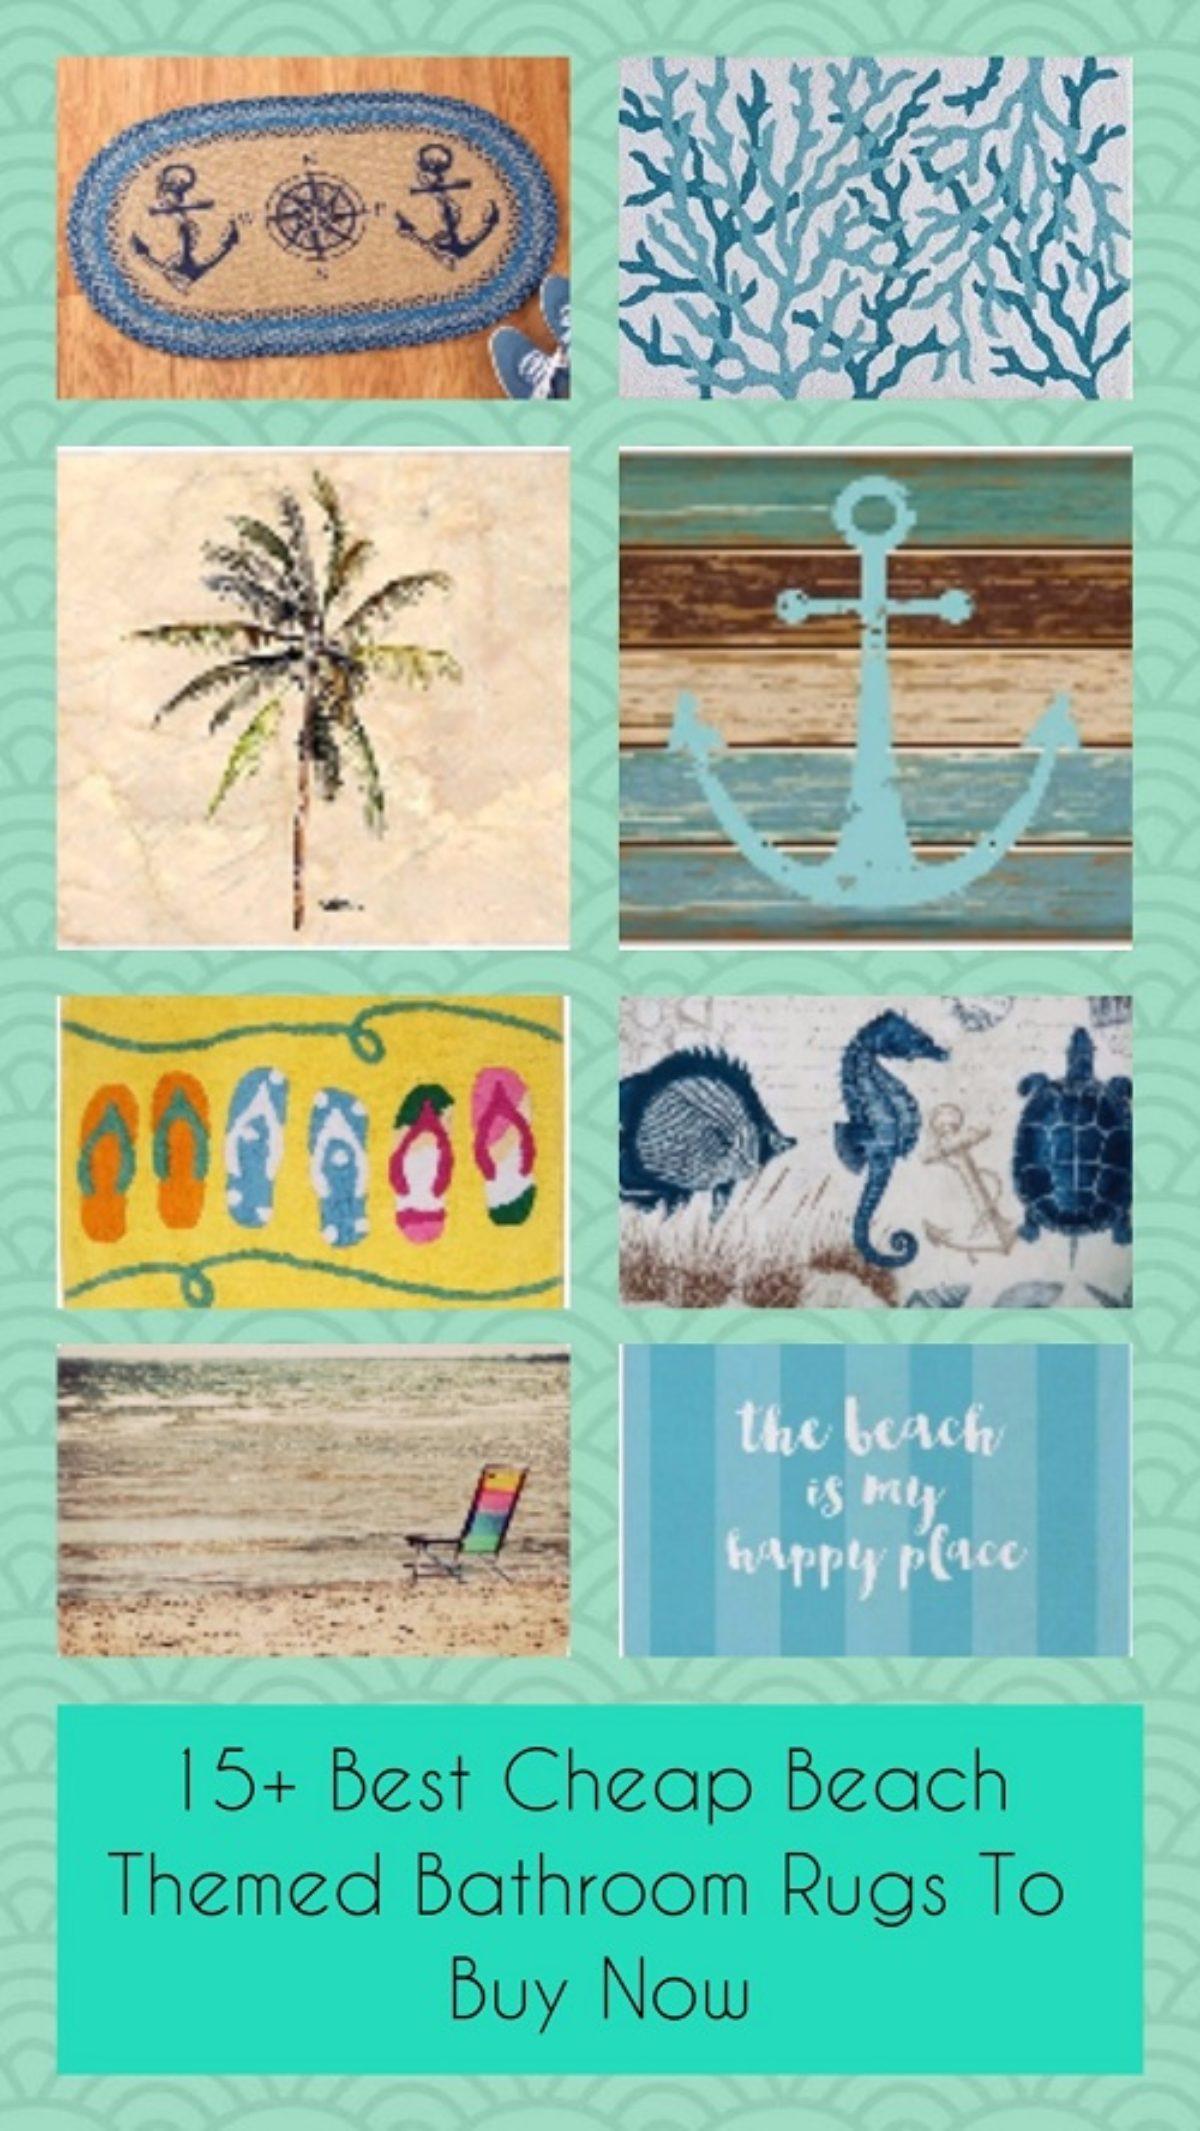 Beach Themed Bathroom Rugs, Beach Bathroom Rugs